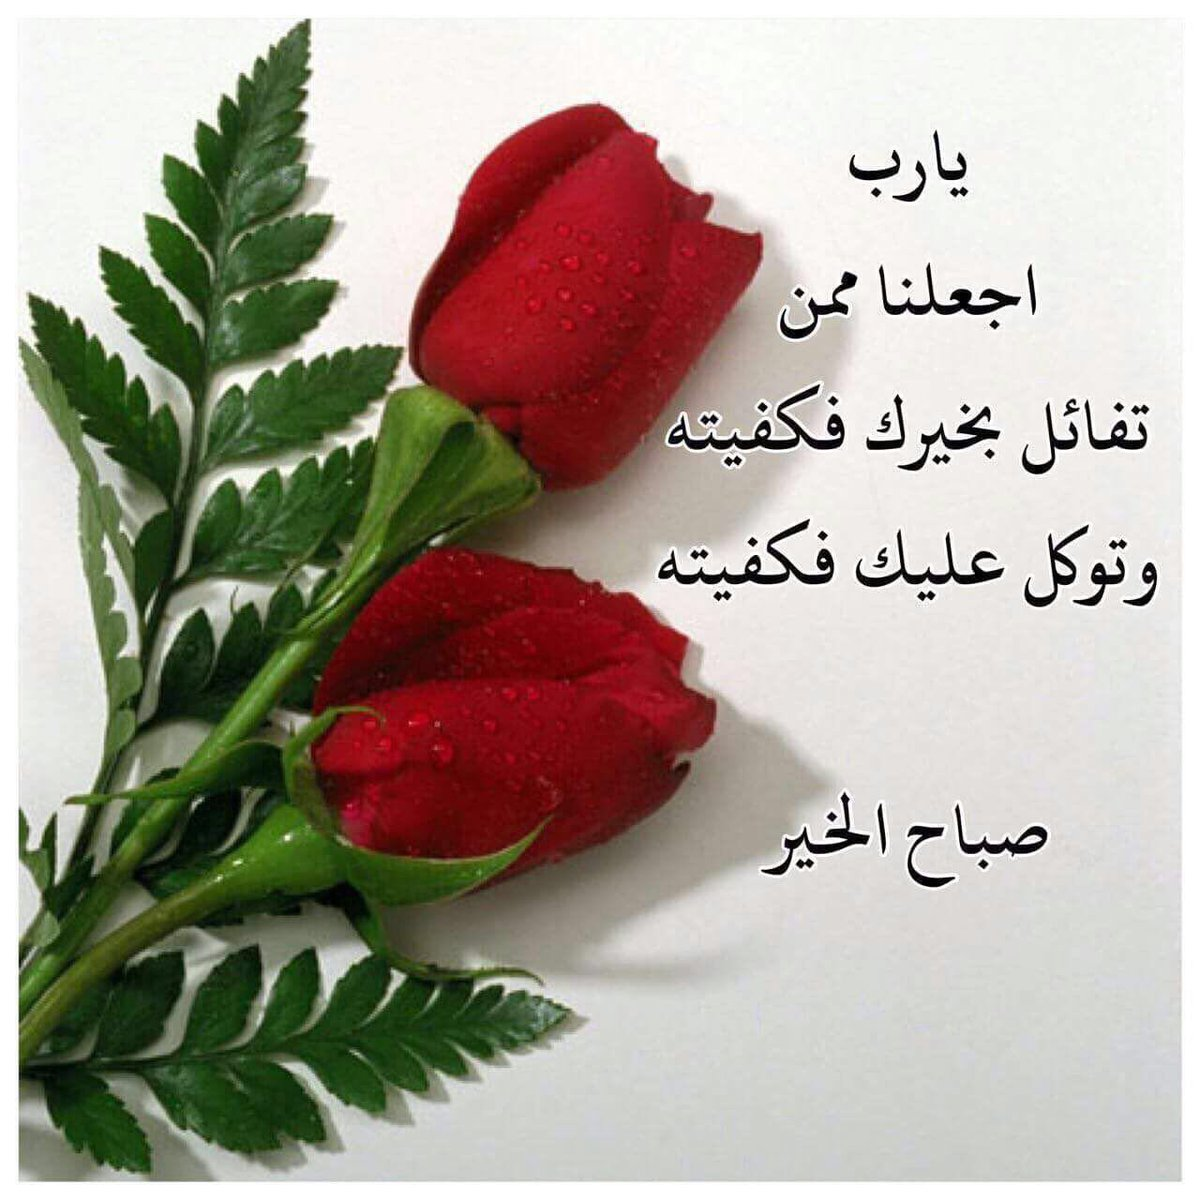 صورة كلام صباح الخير , اجمل رسائل صباح الخير 3953 5